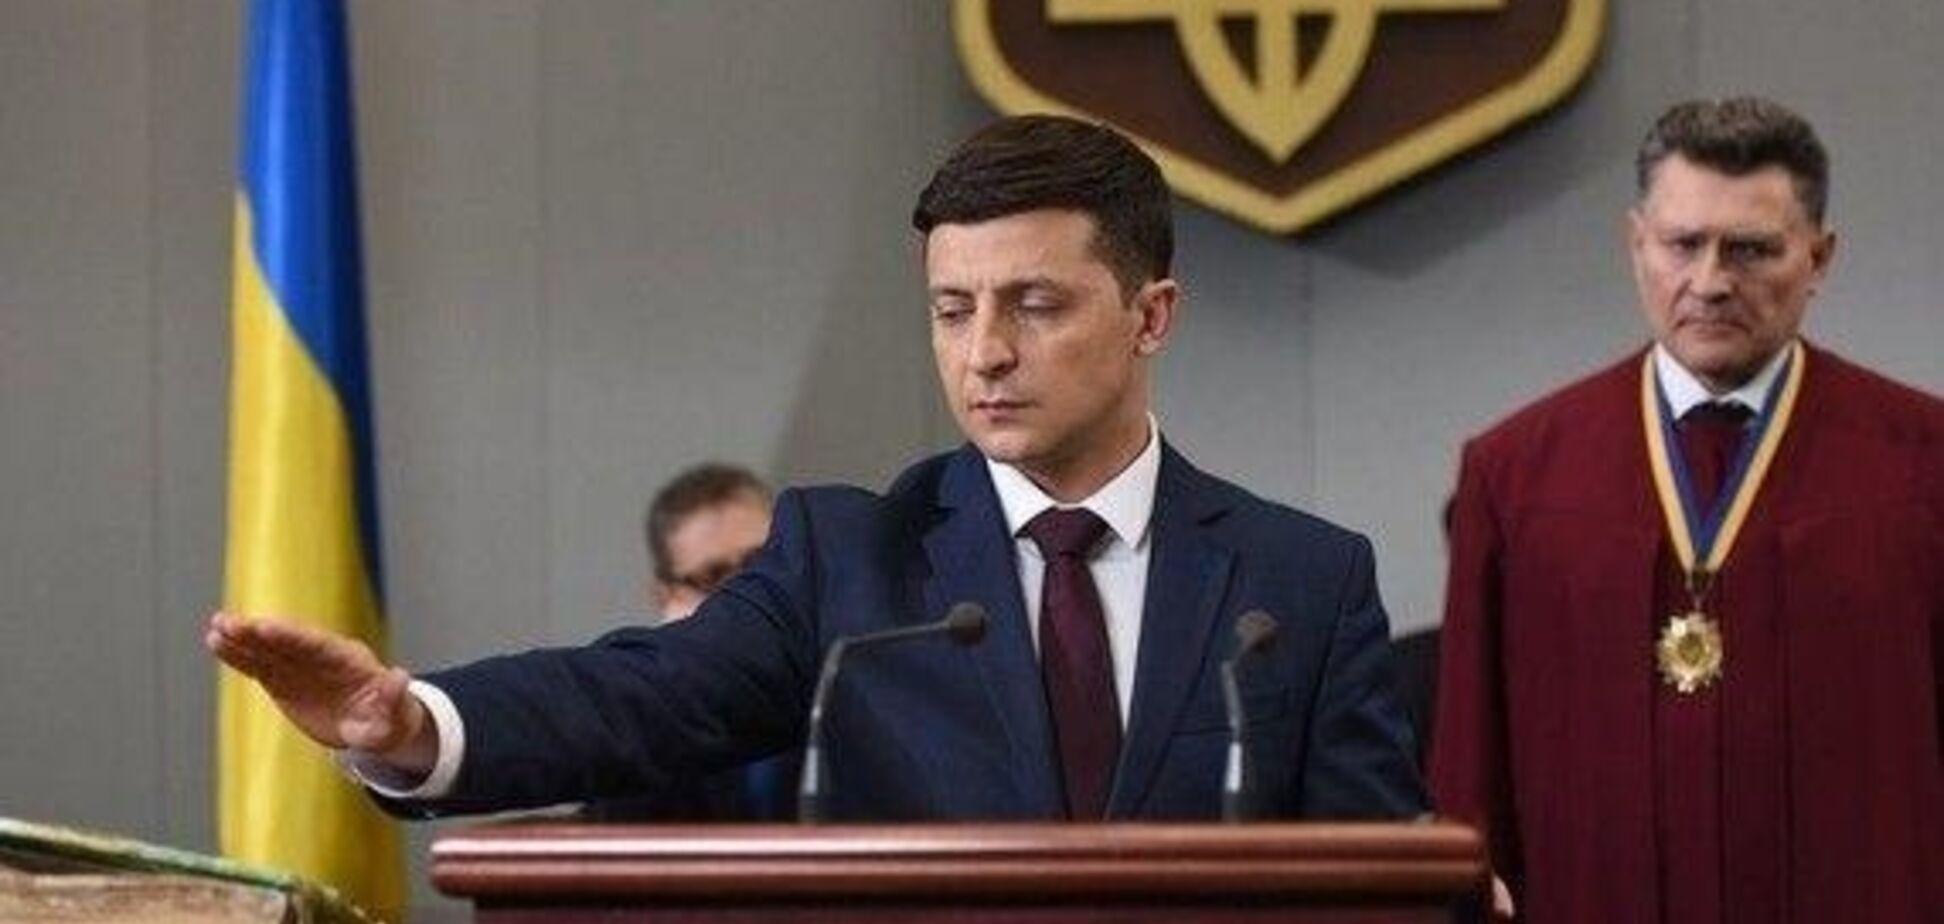 Инаугурация Зеленского: в МИД раскрыли список иностранных гостей